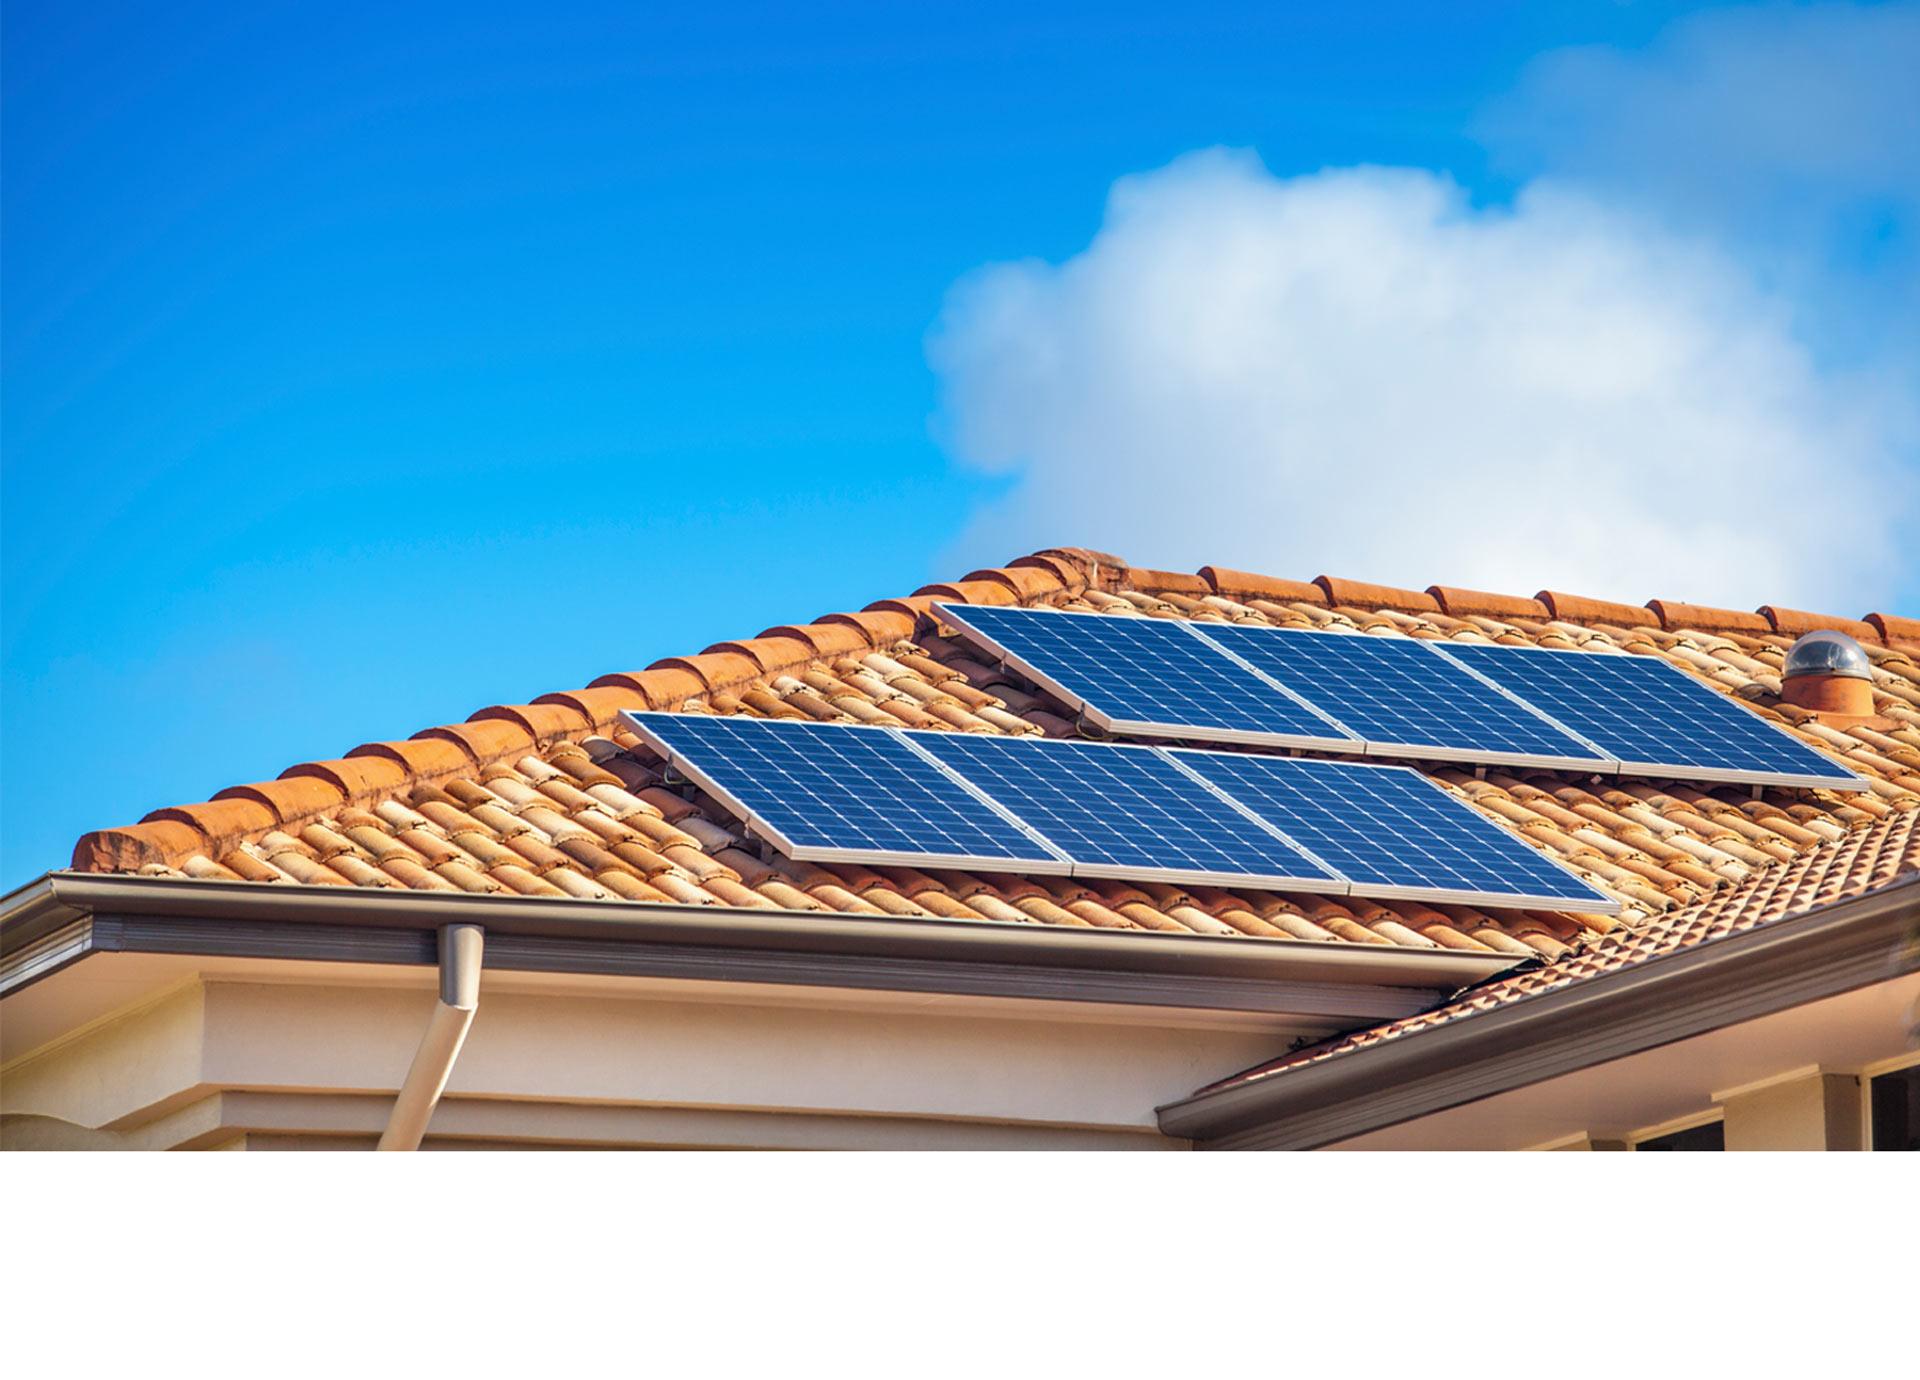 Google ofrece una nueva herramienta online para ayudar a decidir si instalar paneles solares y estimar cuánto se ahorraría monetariamente